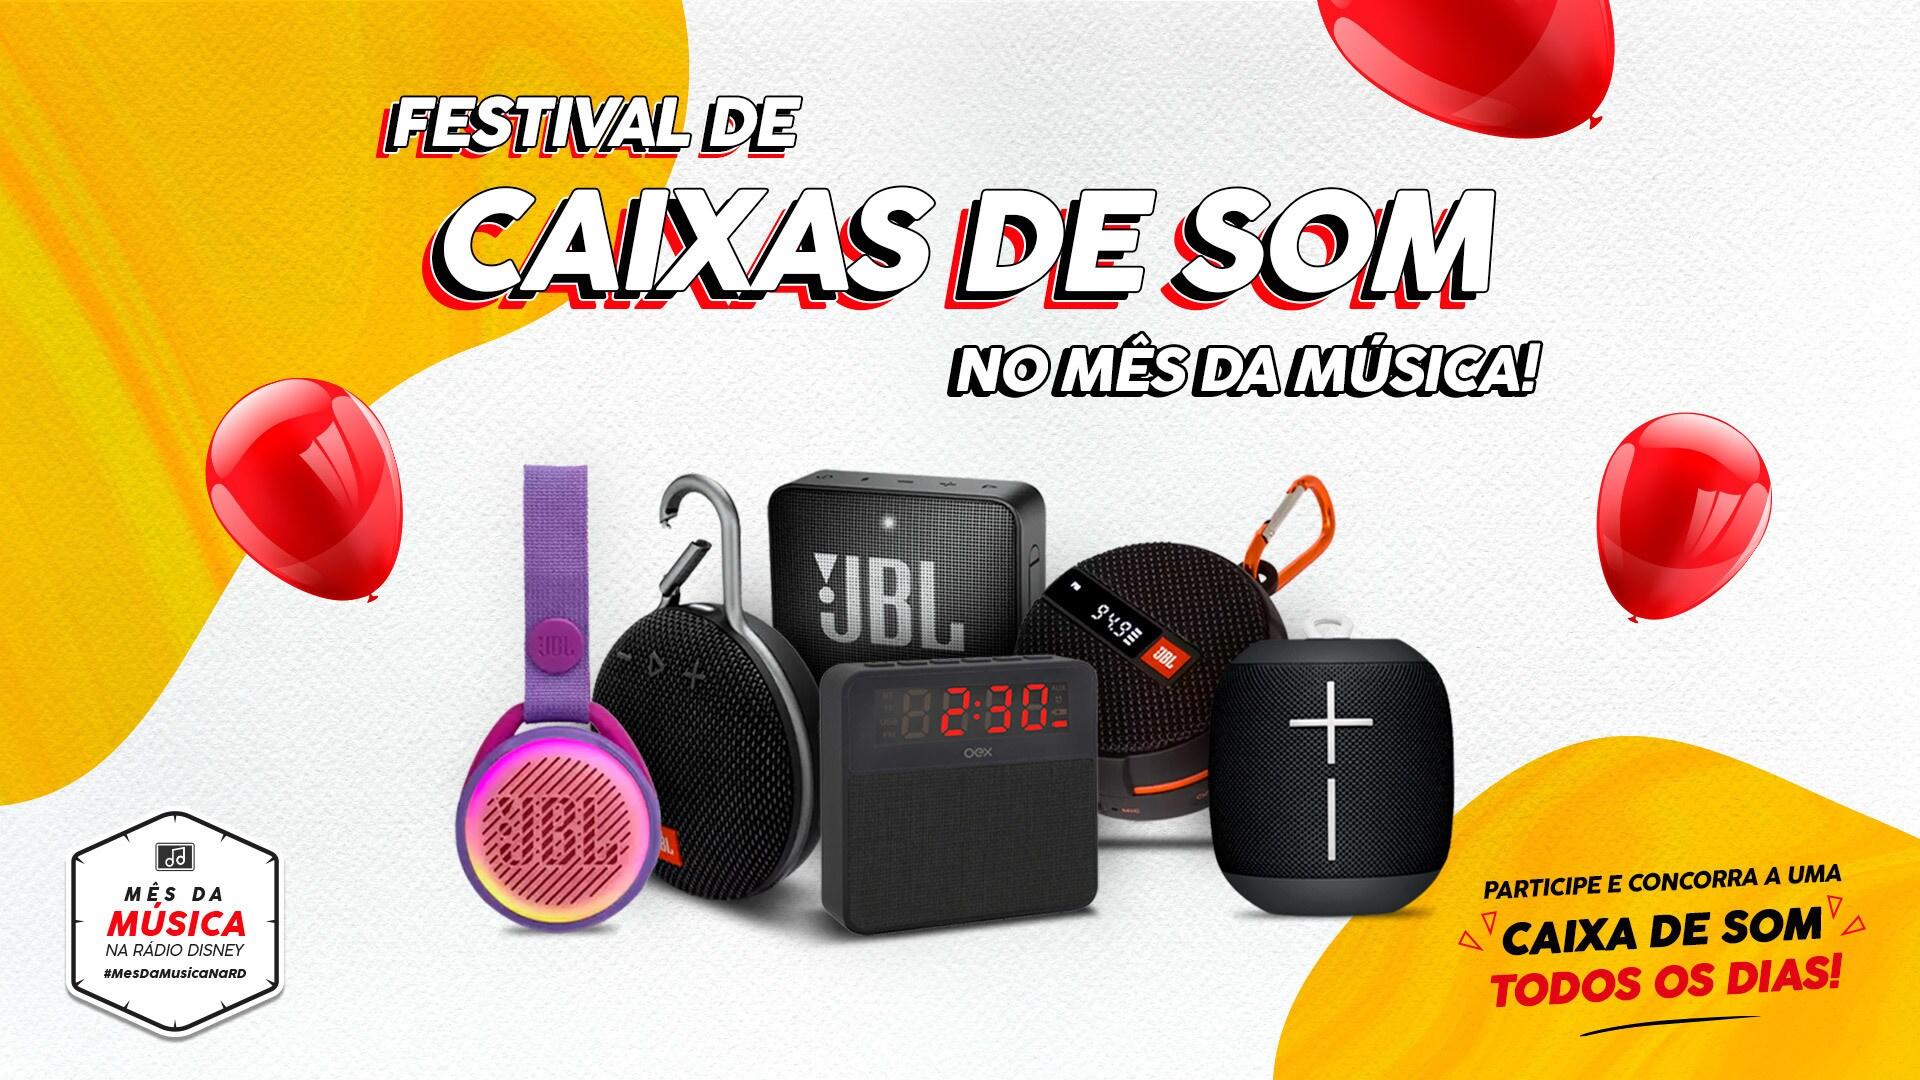 TODO DIA TEM CAIXA DE SOM COM BLUETOOTH NO MÊS DA MÚSICA RÁDIO DISNEY